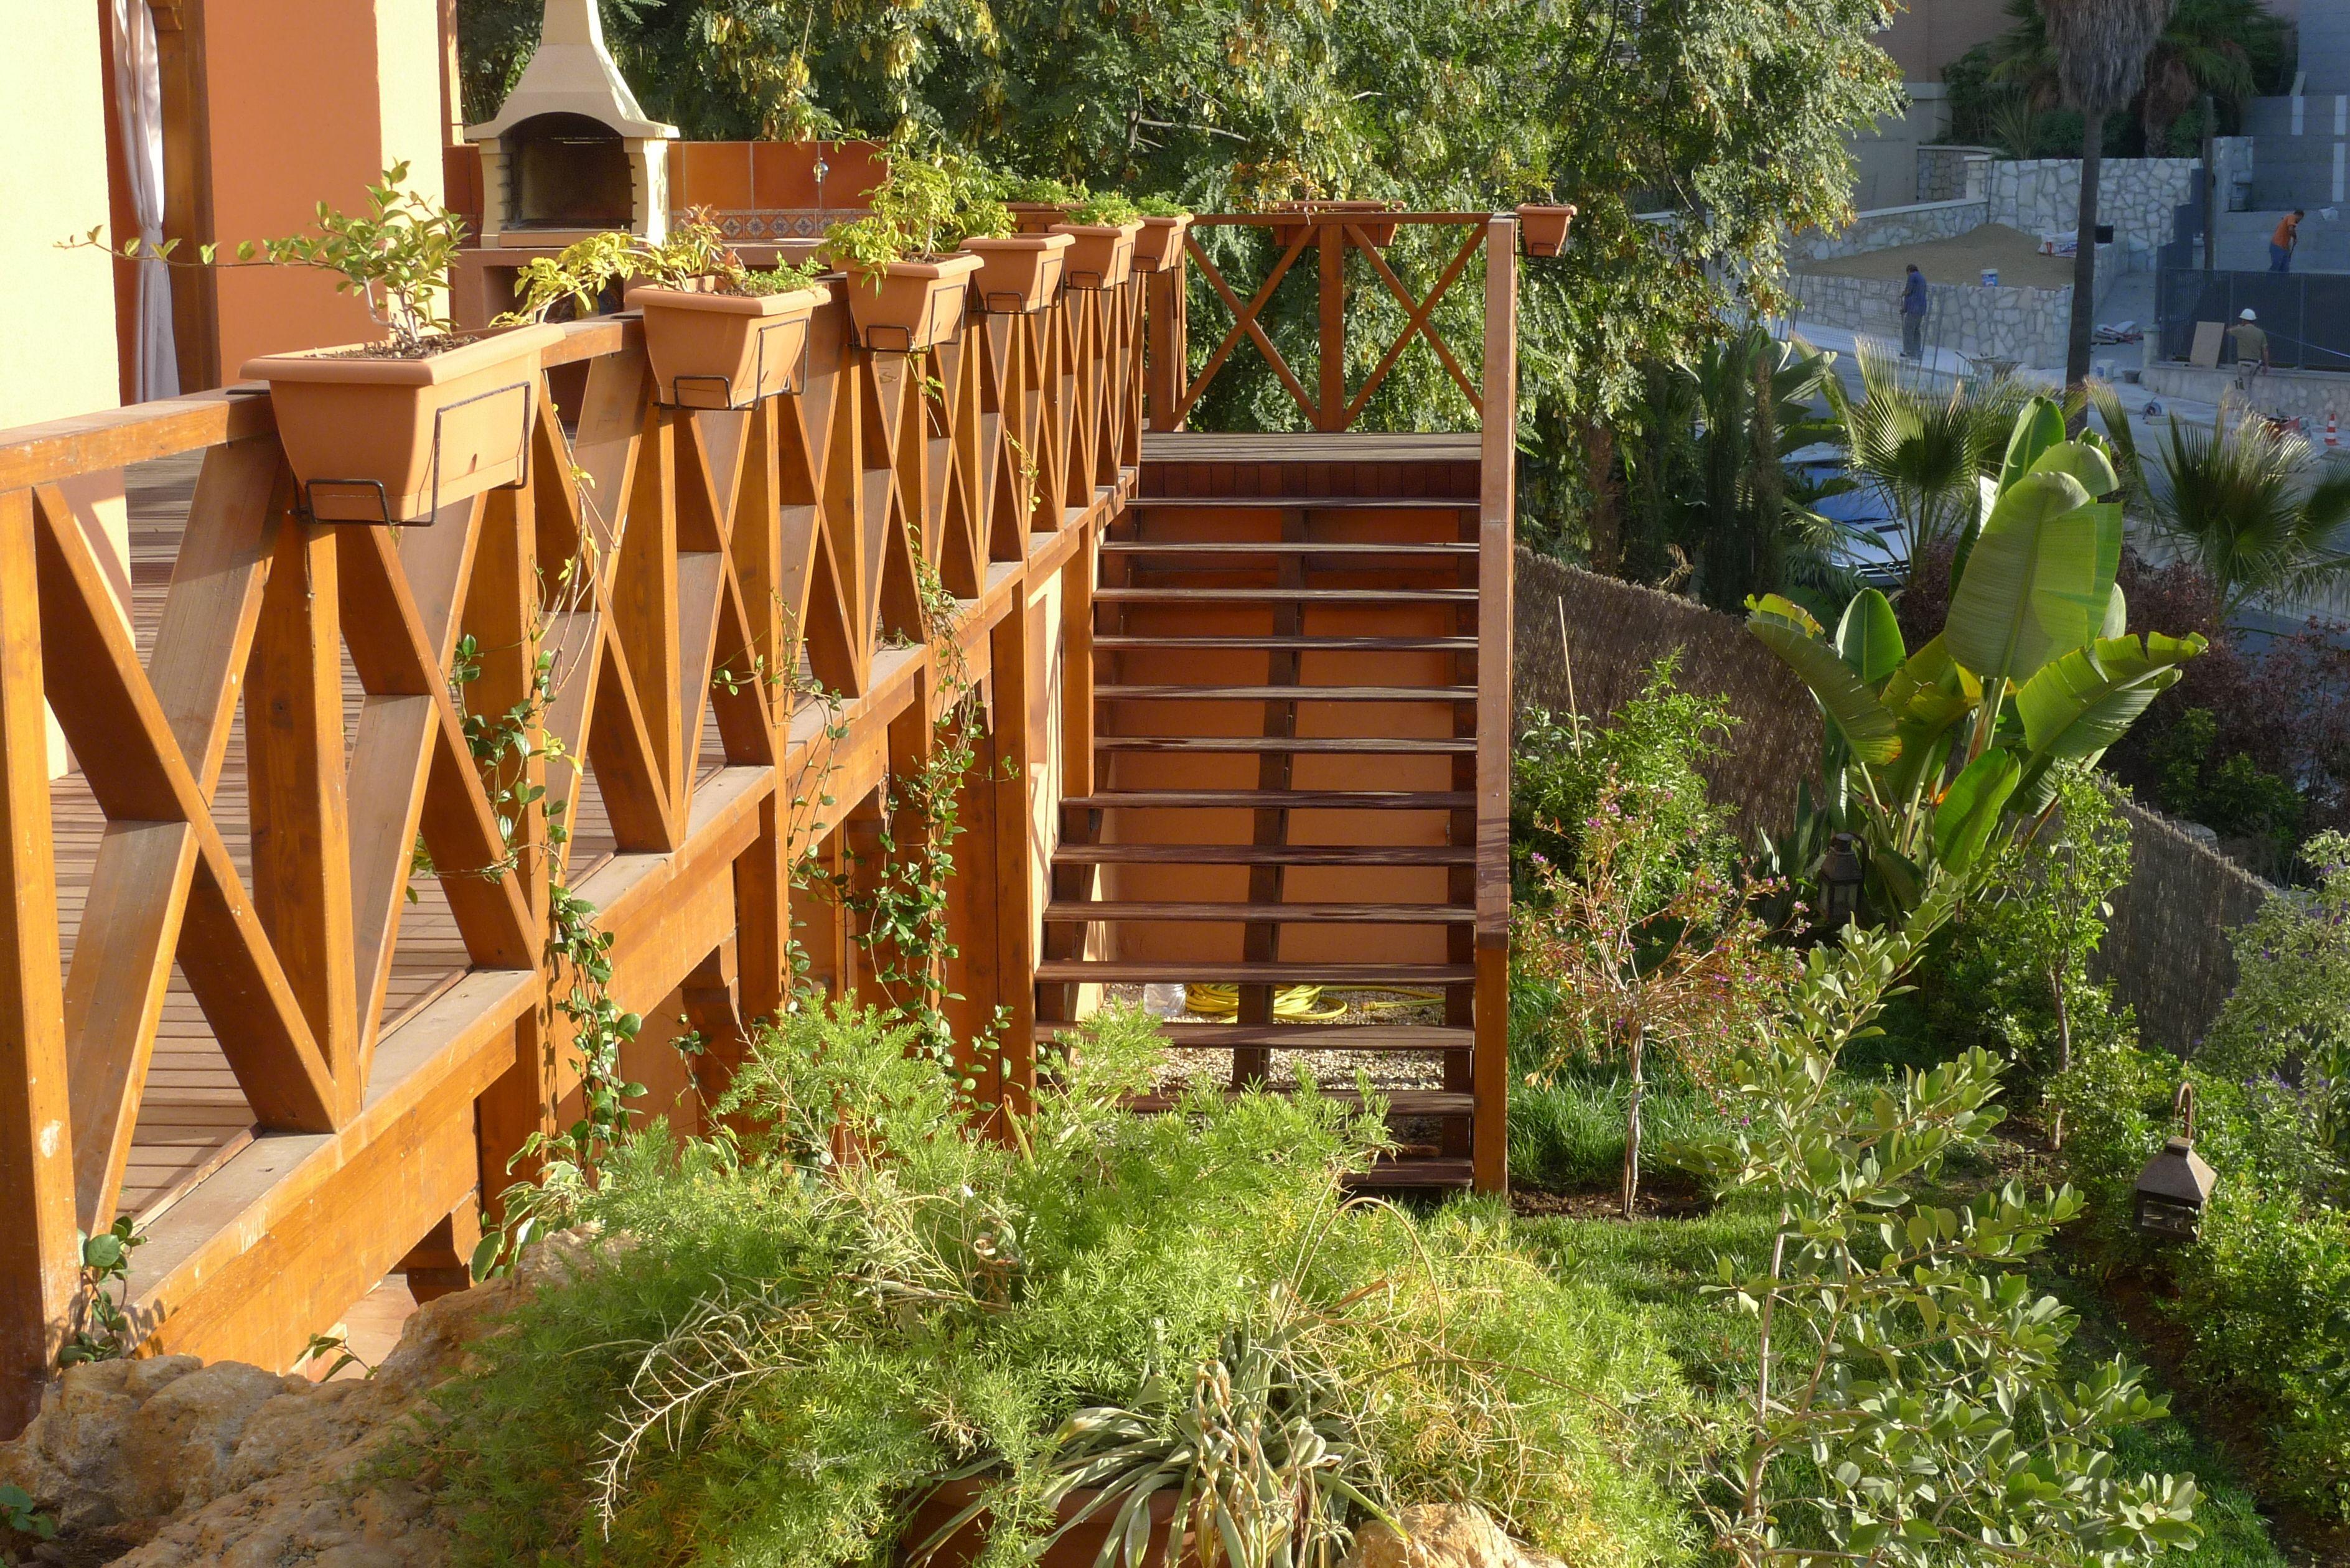 Reforma en jard n detalle escalera acceso a vivienda y - Barandilla madera exterior ...